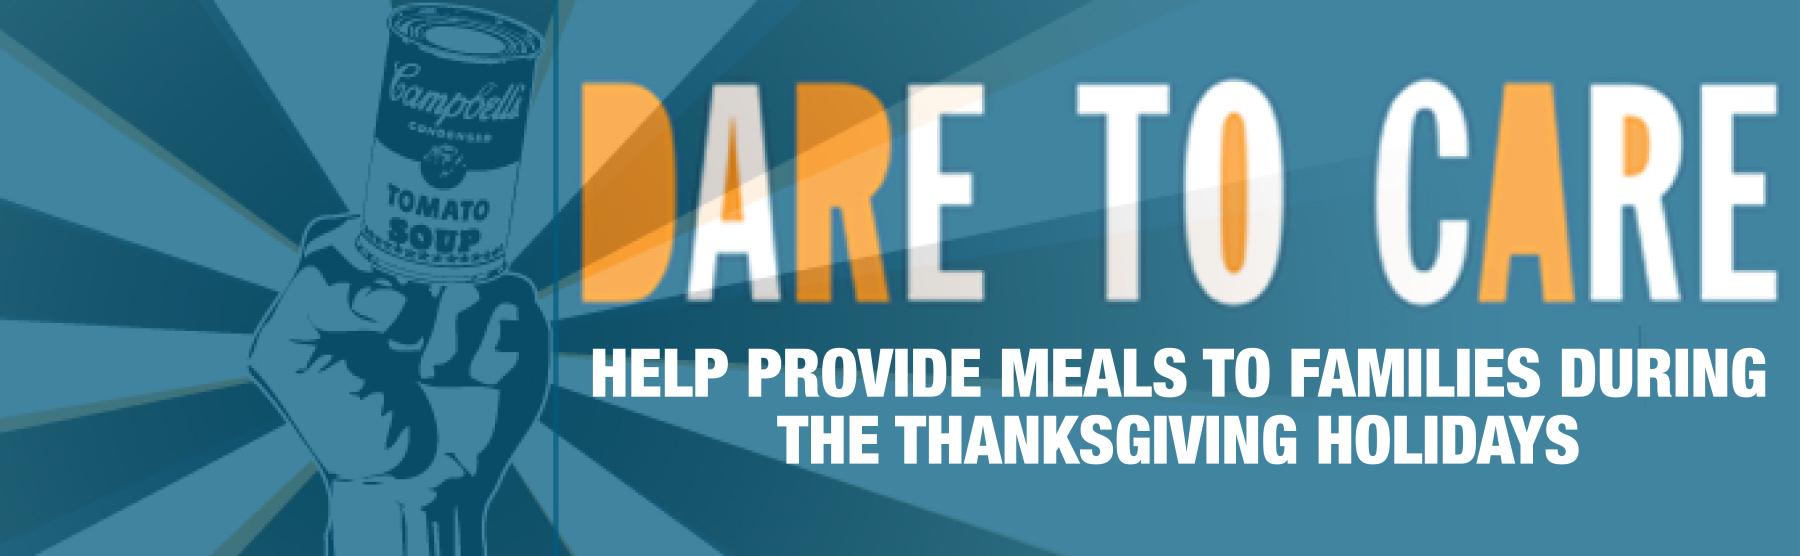 Participate in 2015 Dare to Care